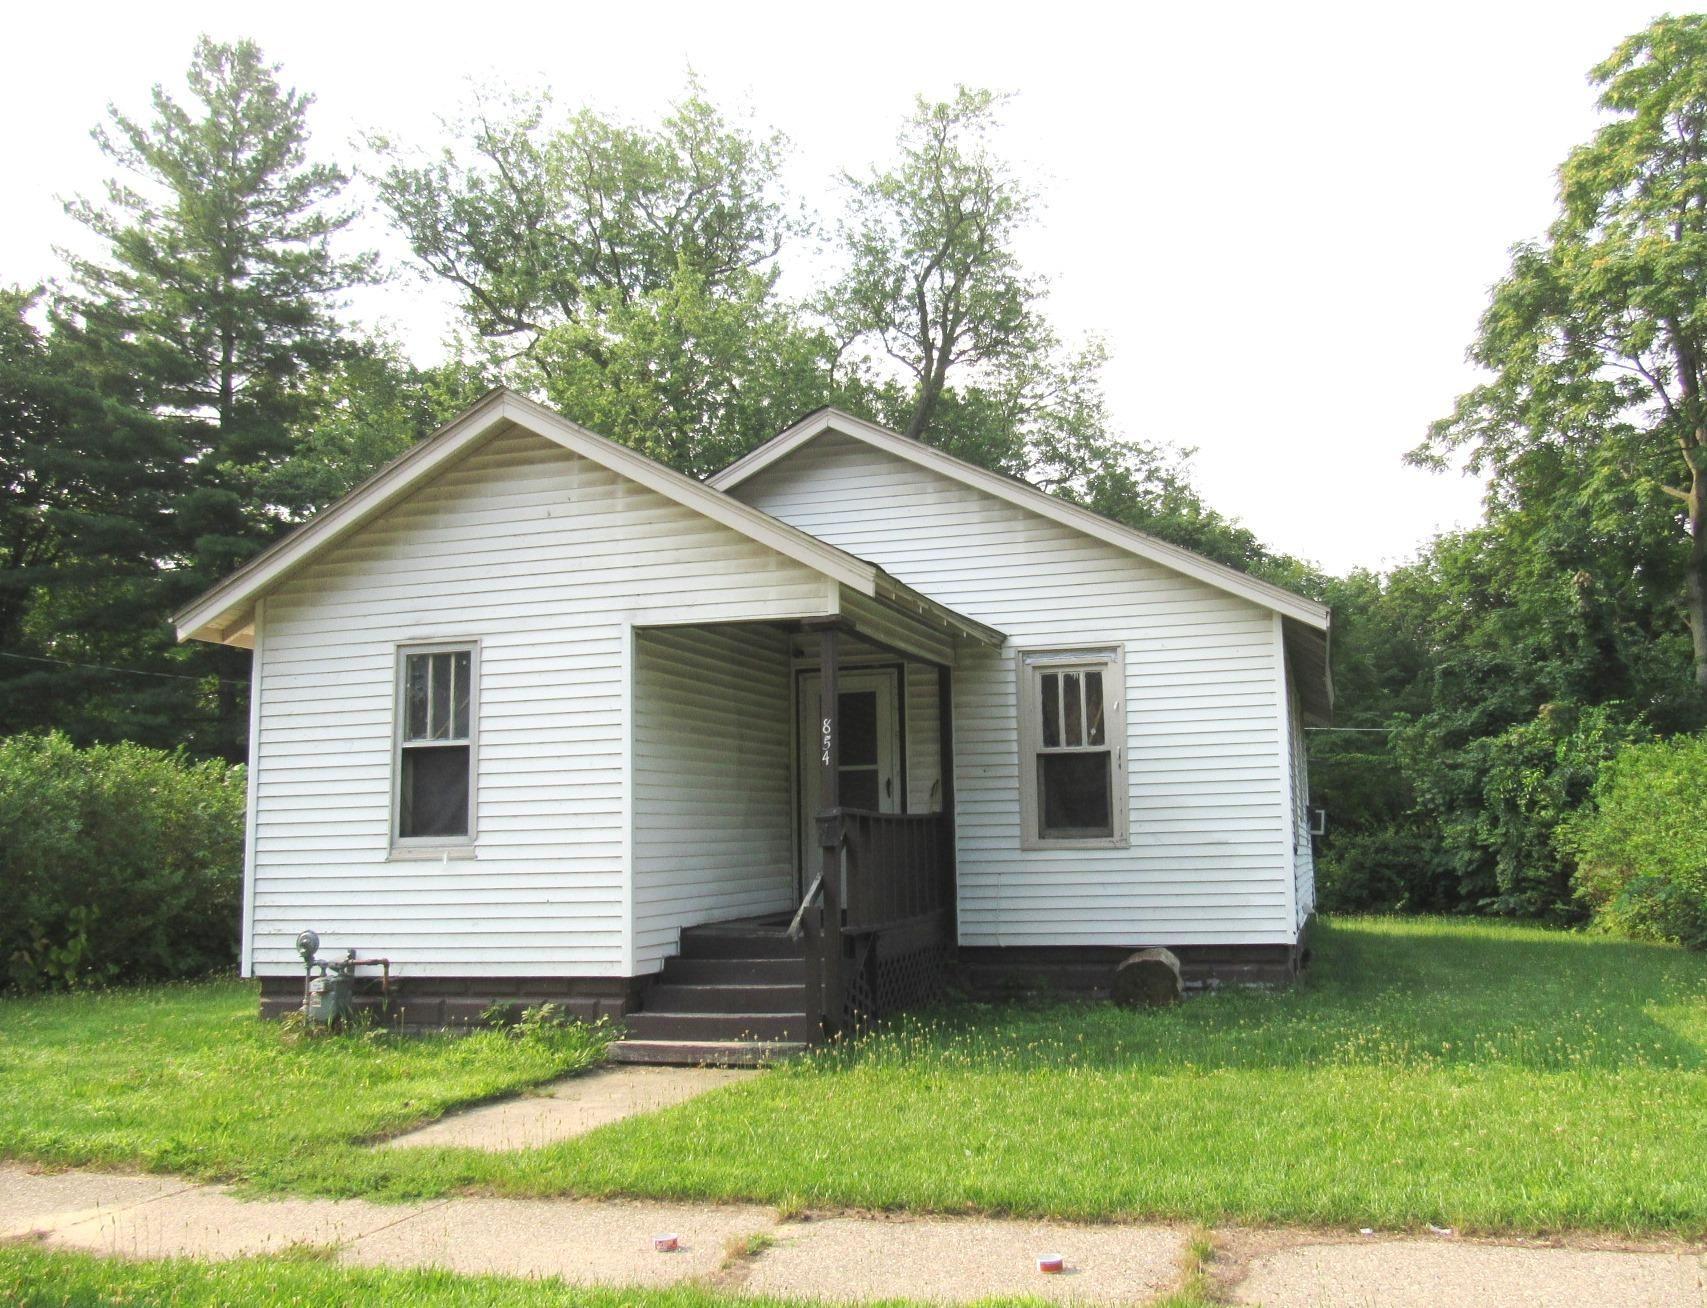 854 La Salle Street, Benton Harbor, MI 49022 - MLS#: 21064944